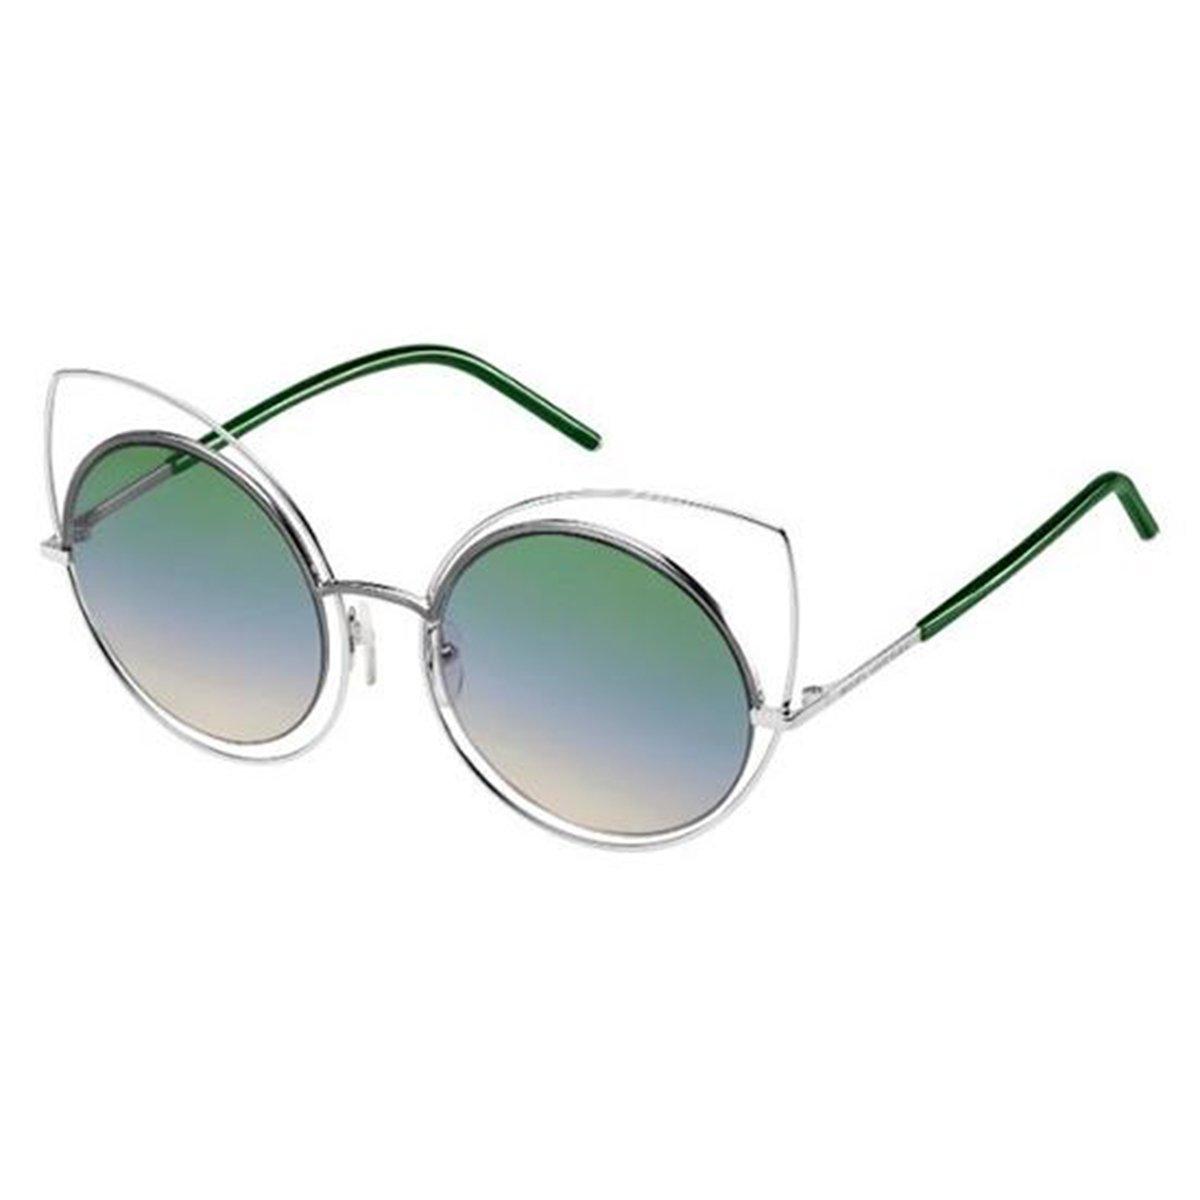 Compre Óculos de Sol Marc Jacobs em 10X   Tri-Jóia Shop c58fe89d1f